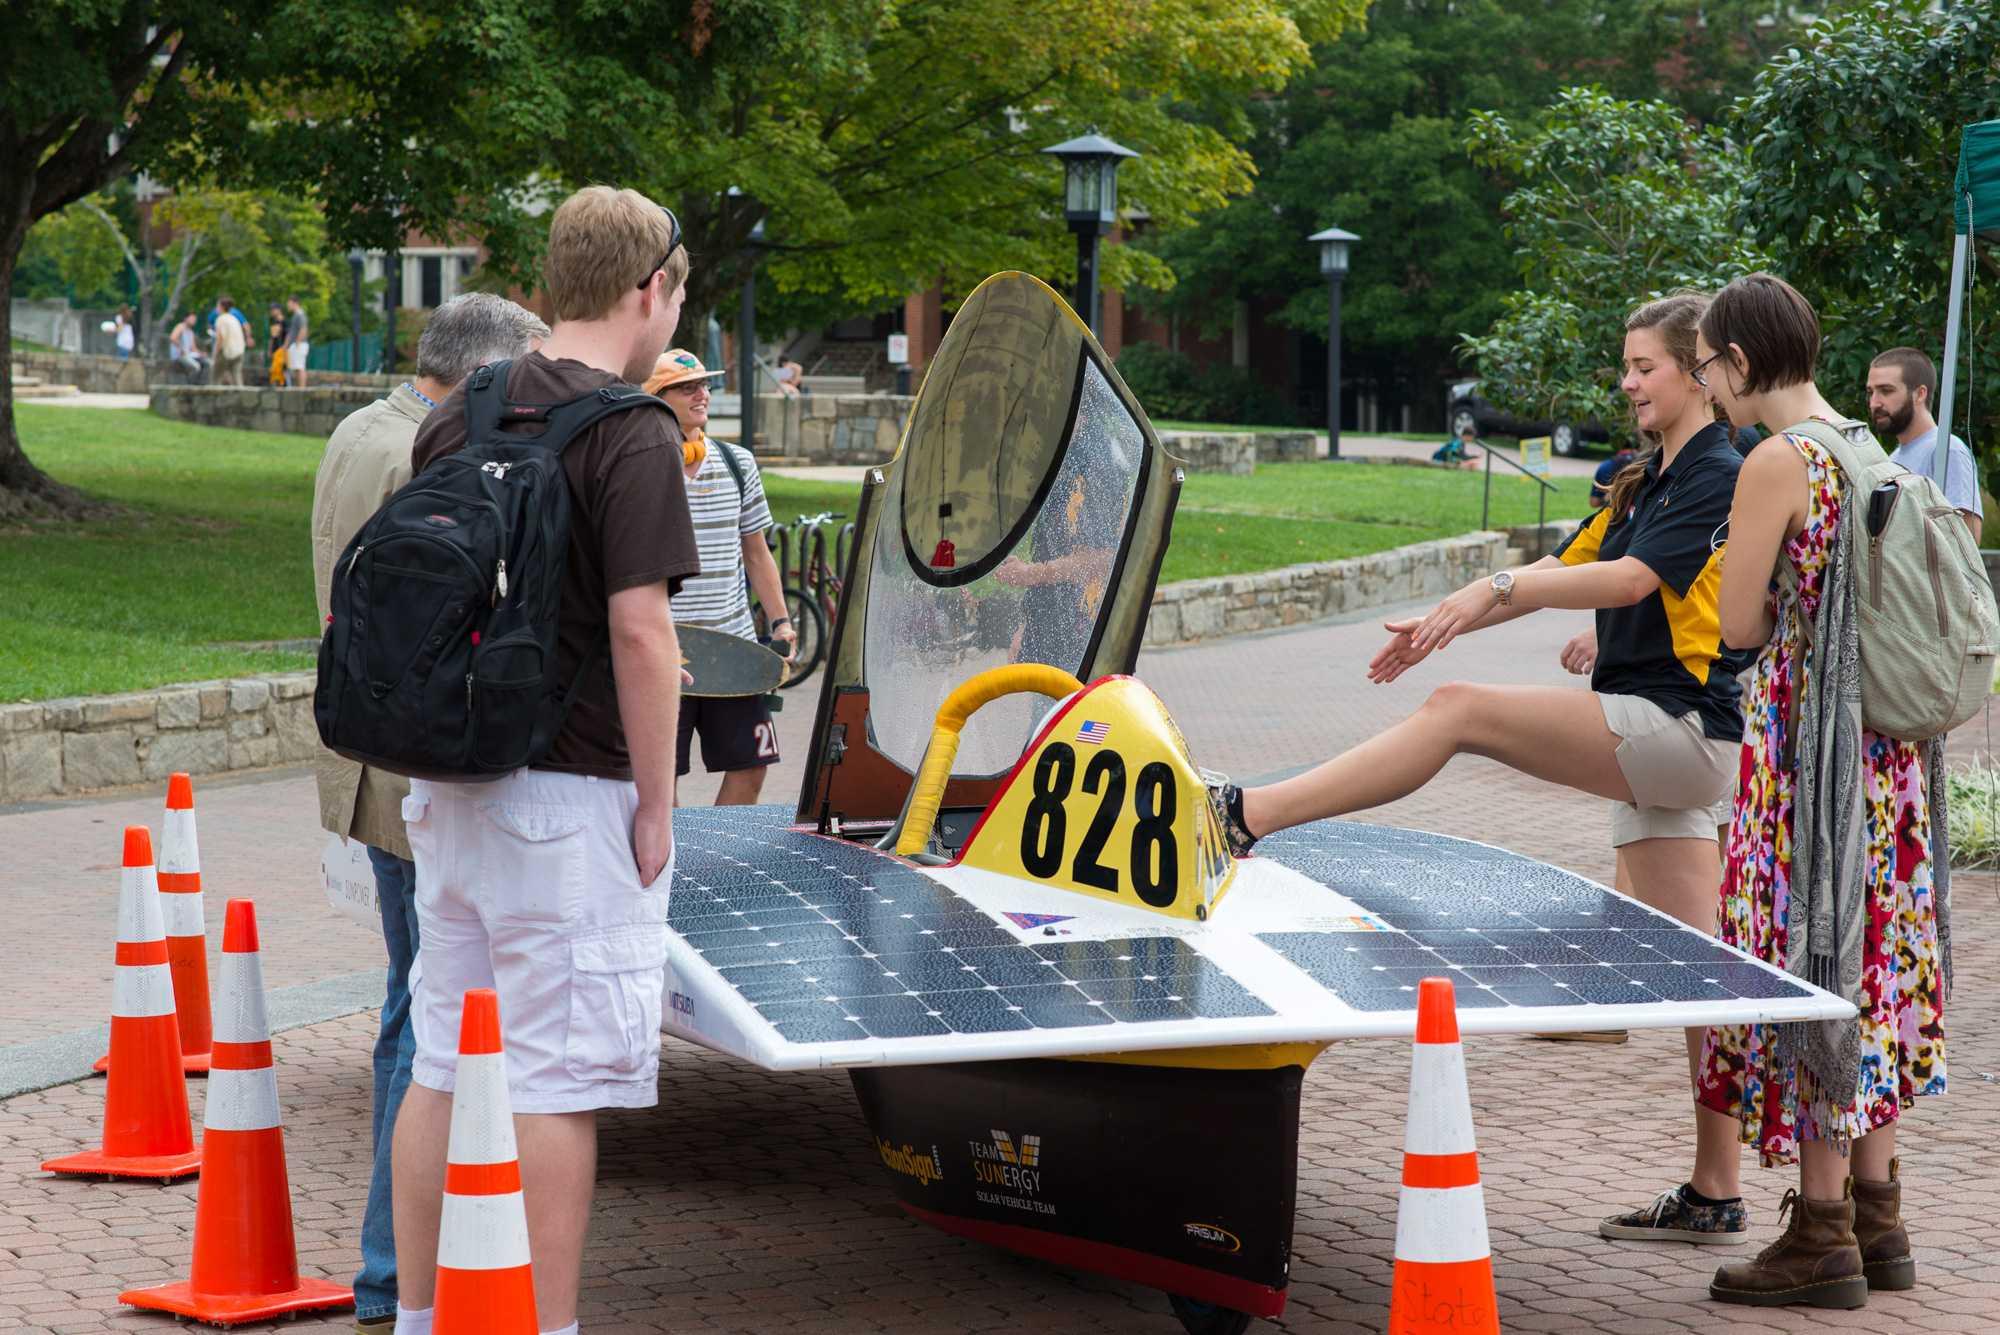 Team Sunergy races toward sustainability